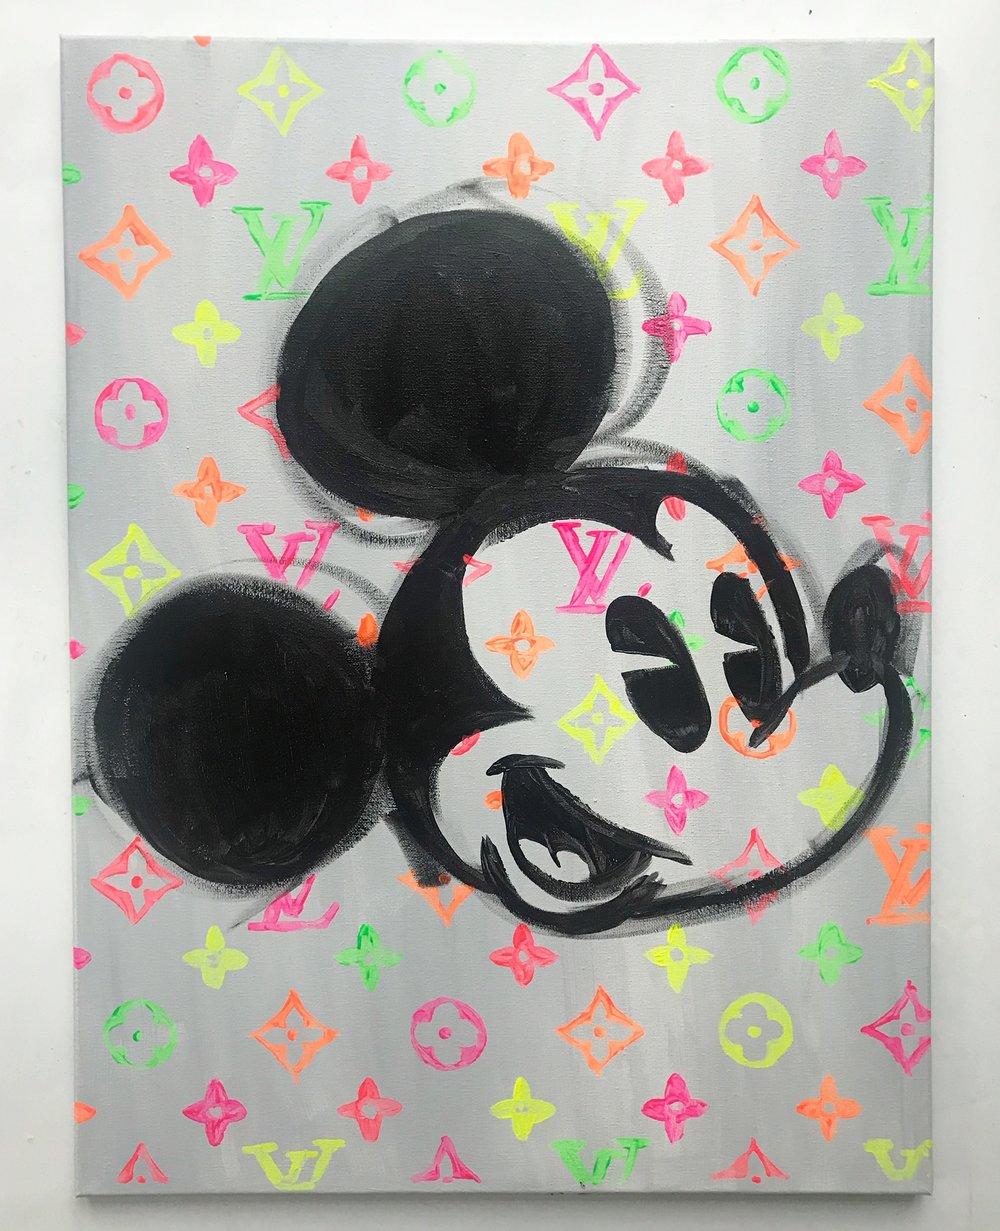 Louis Mouse